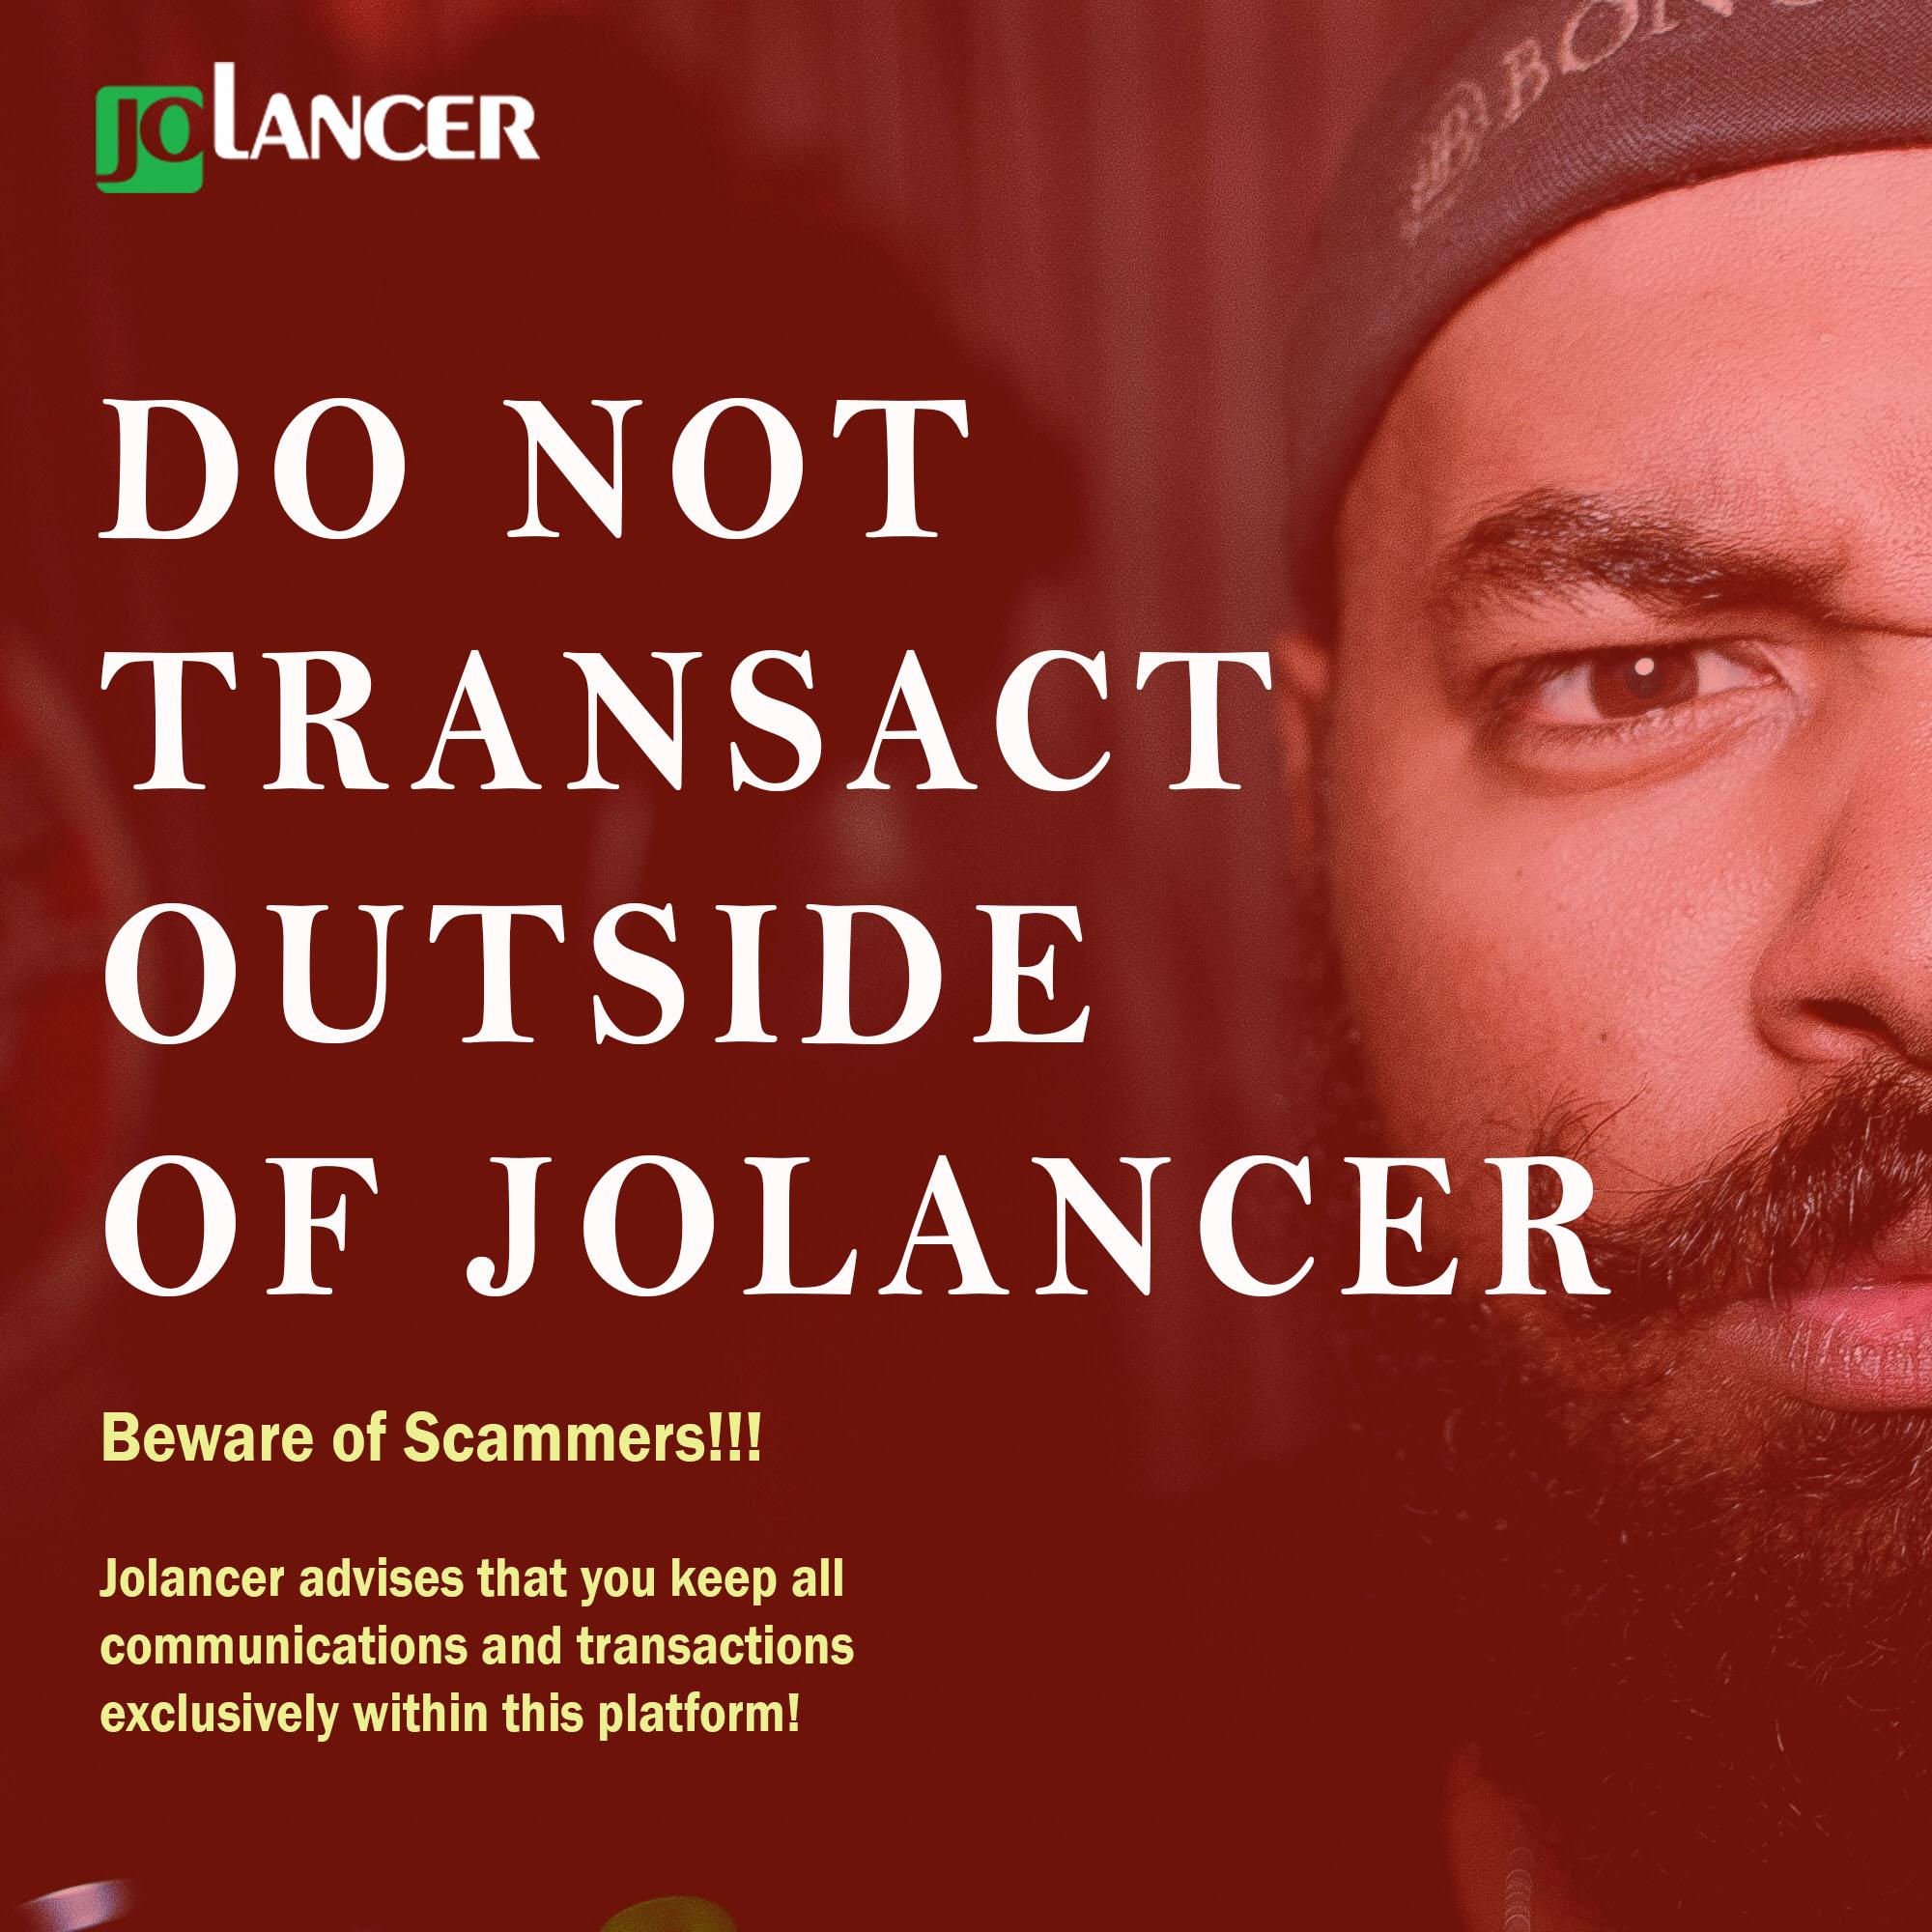 jolancer-beware-ofscammers